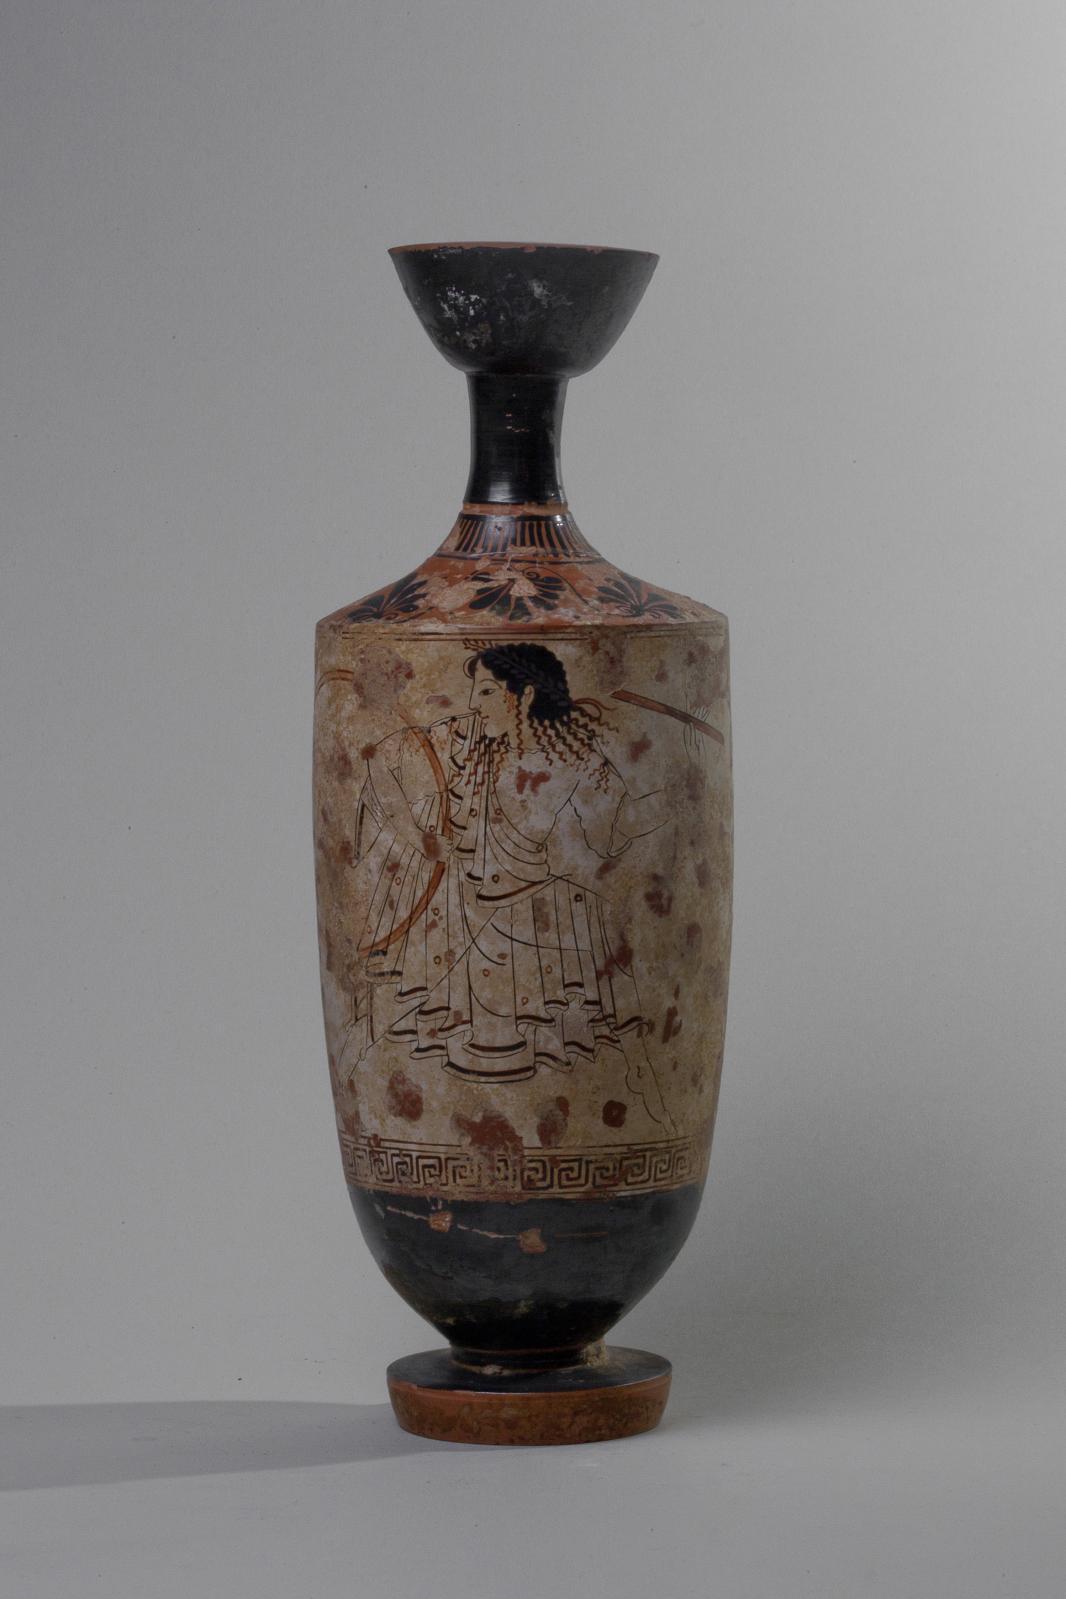 Grèce, fin du VIesiècle av.J.-C., attribué au Peintre de la Femme. Lécythe attique à fond blanc décoré d'une femme au tambourin(?), terre cuite ver